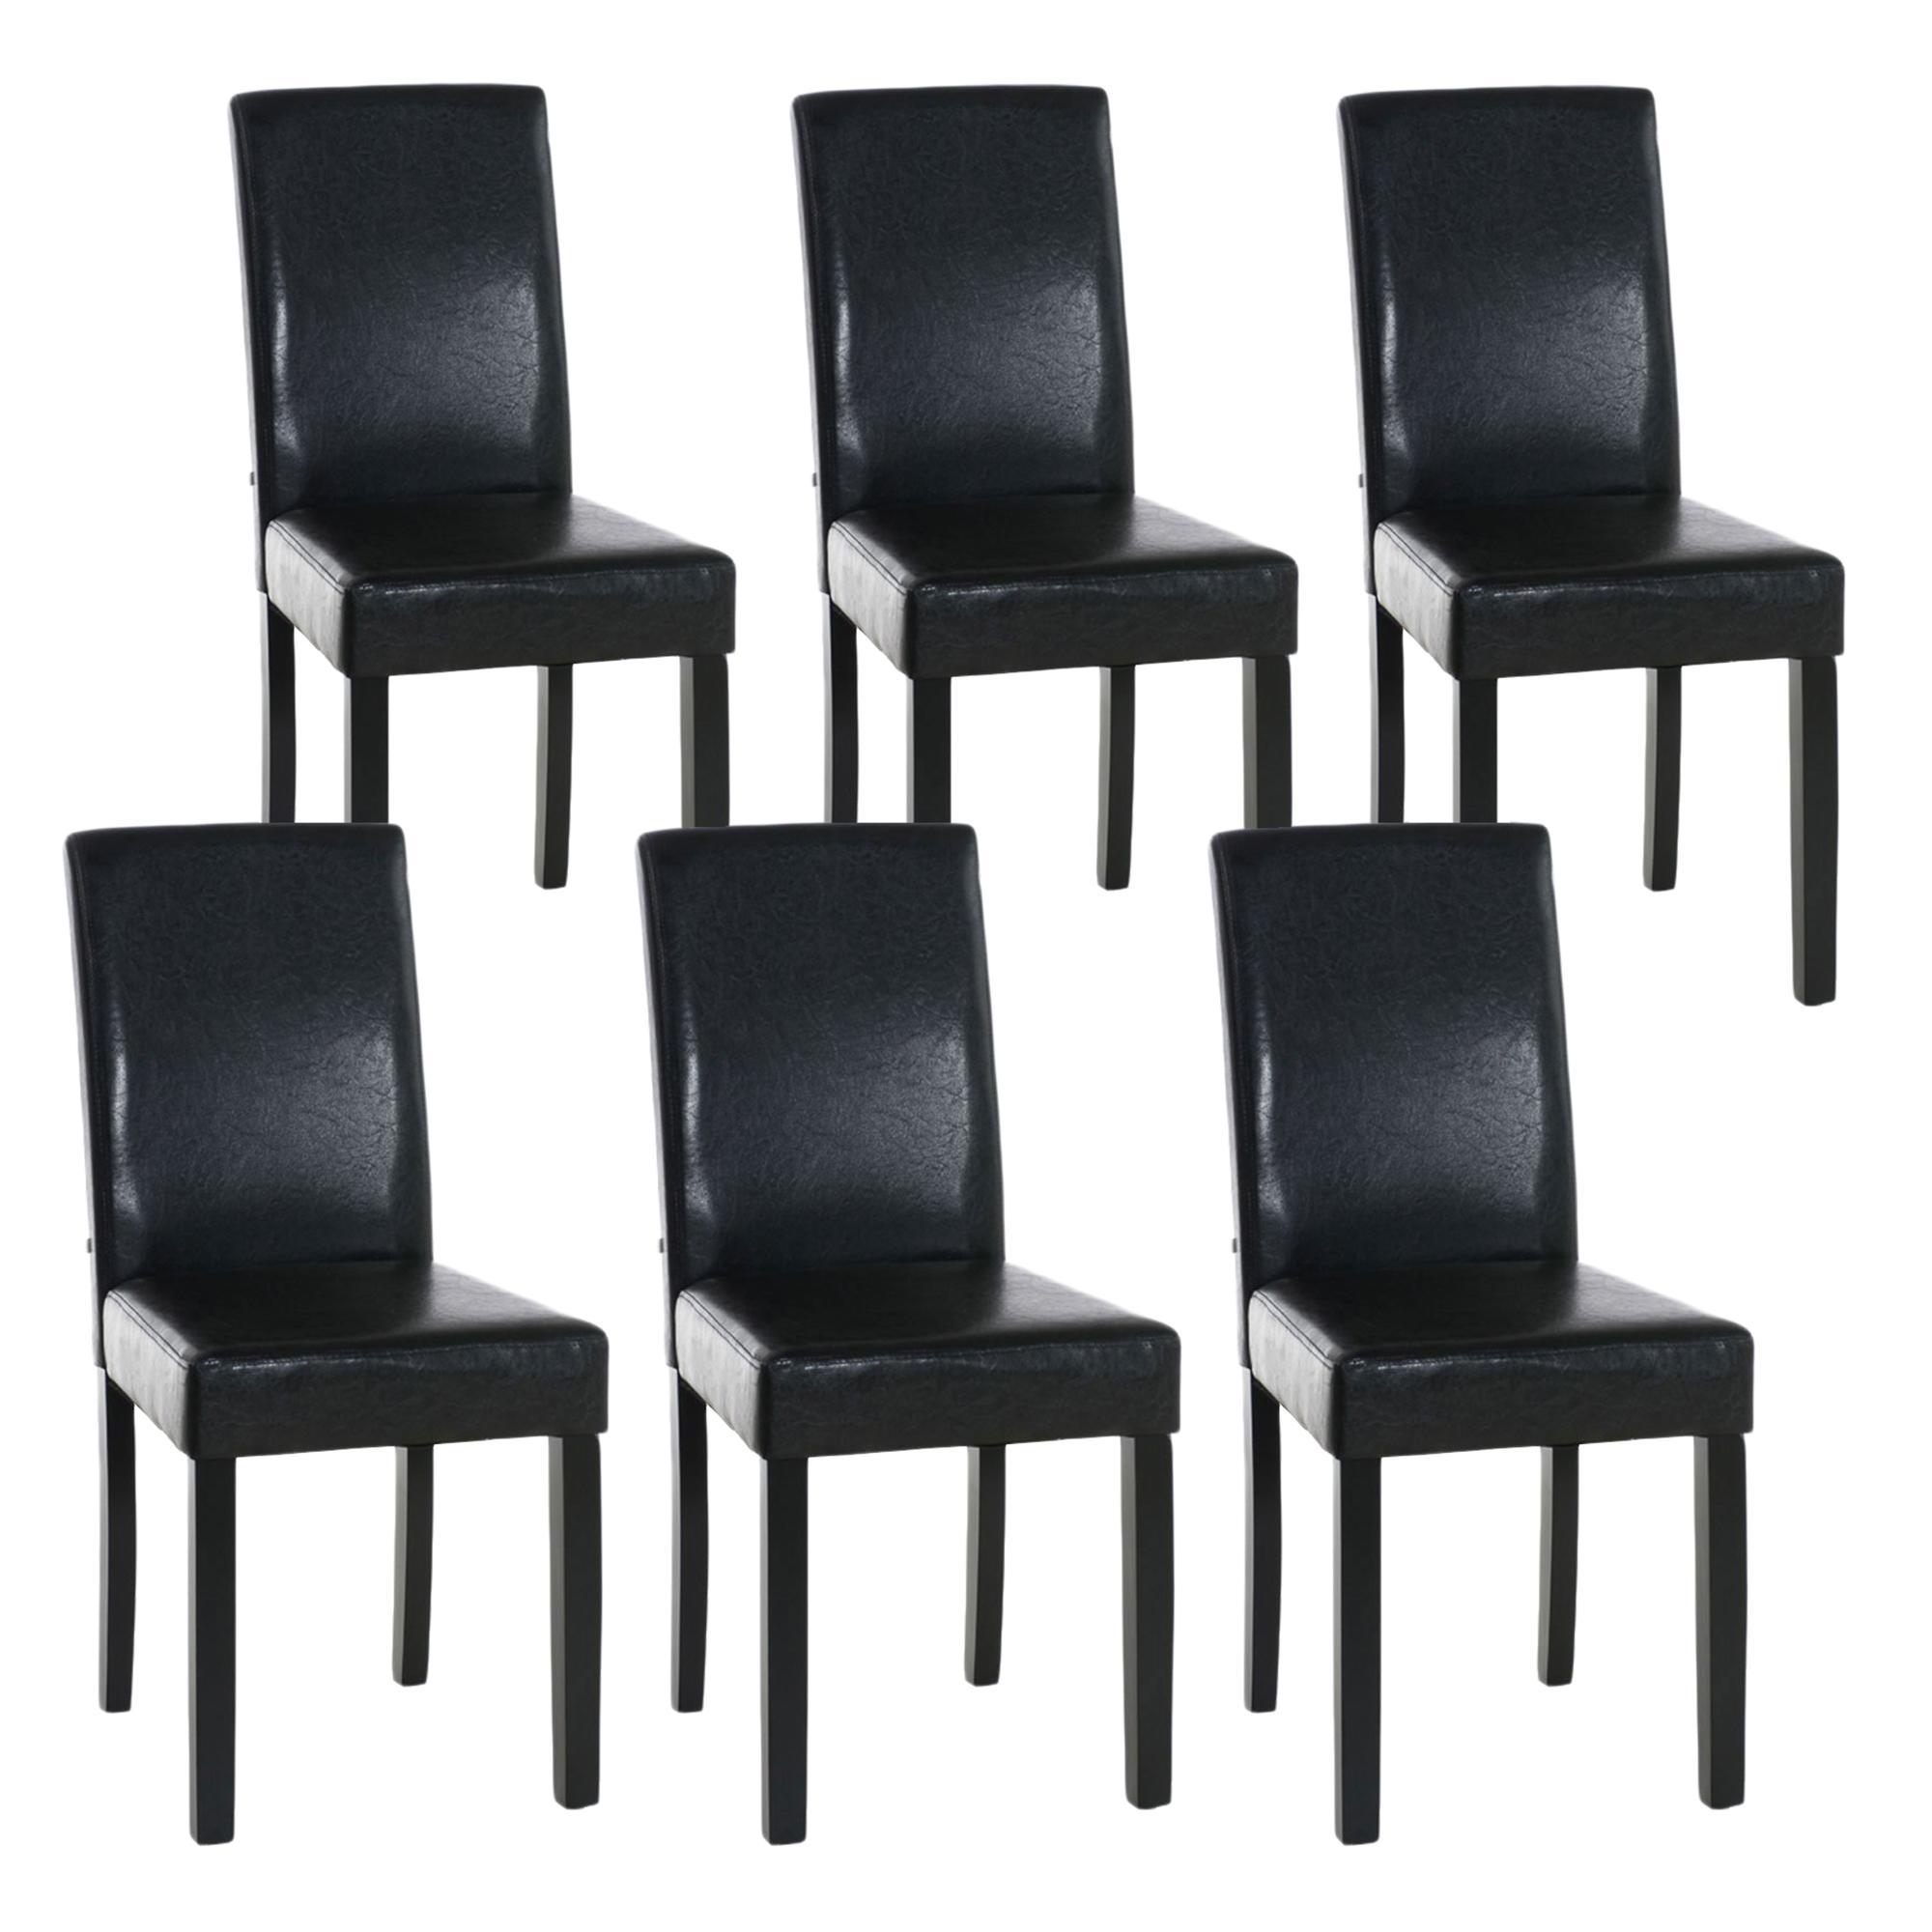 Lote de 6 sillas de comedor capri muy c modas y robustas for Sillas de comedor de cuero